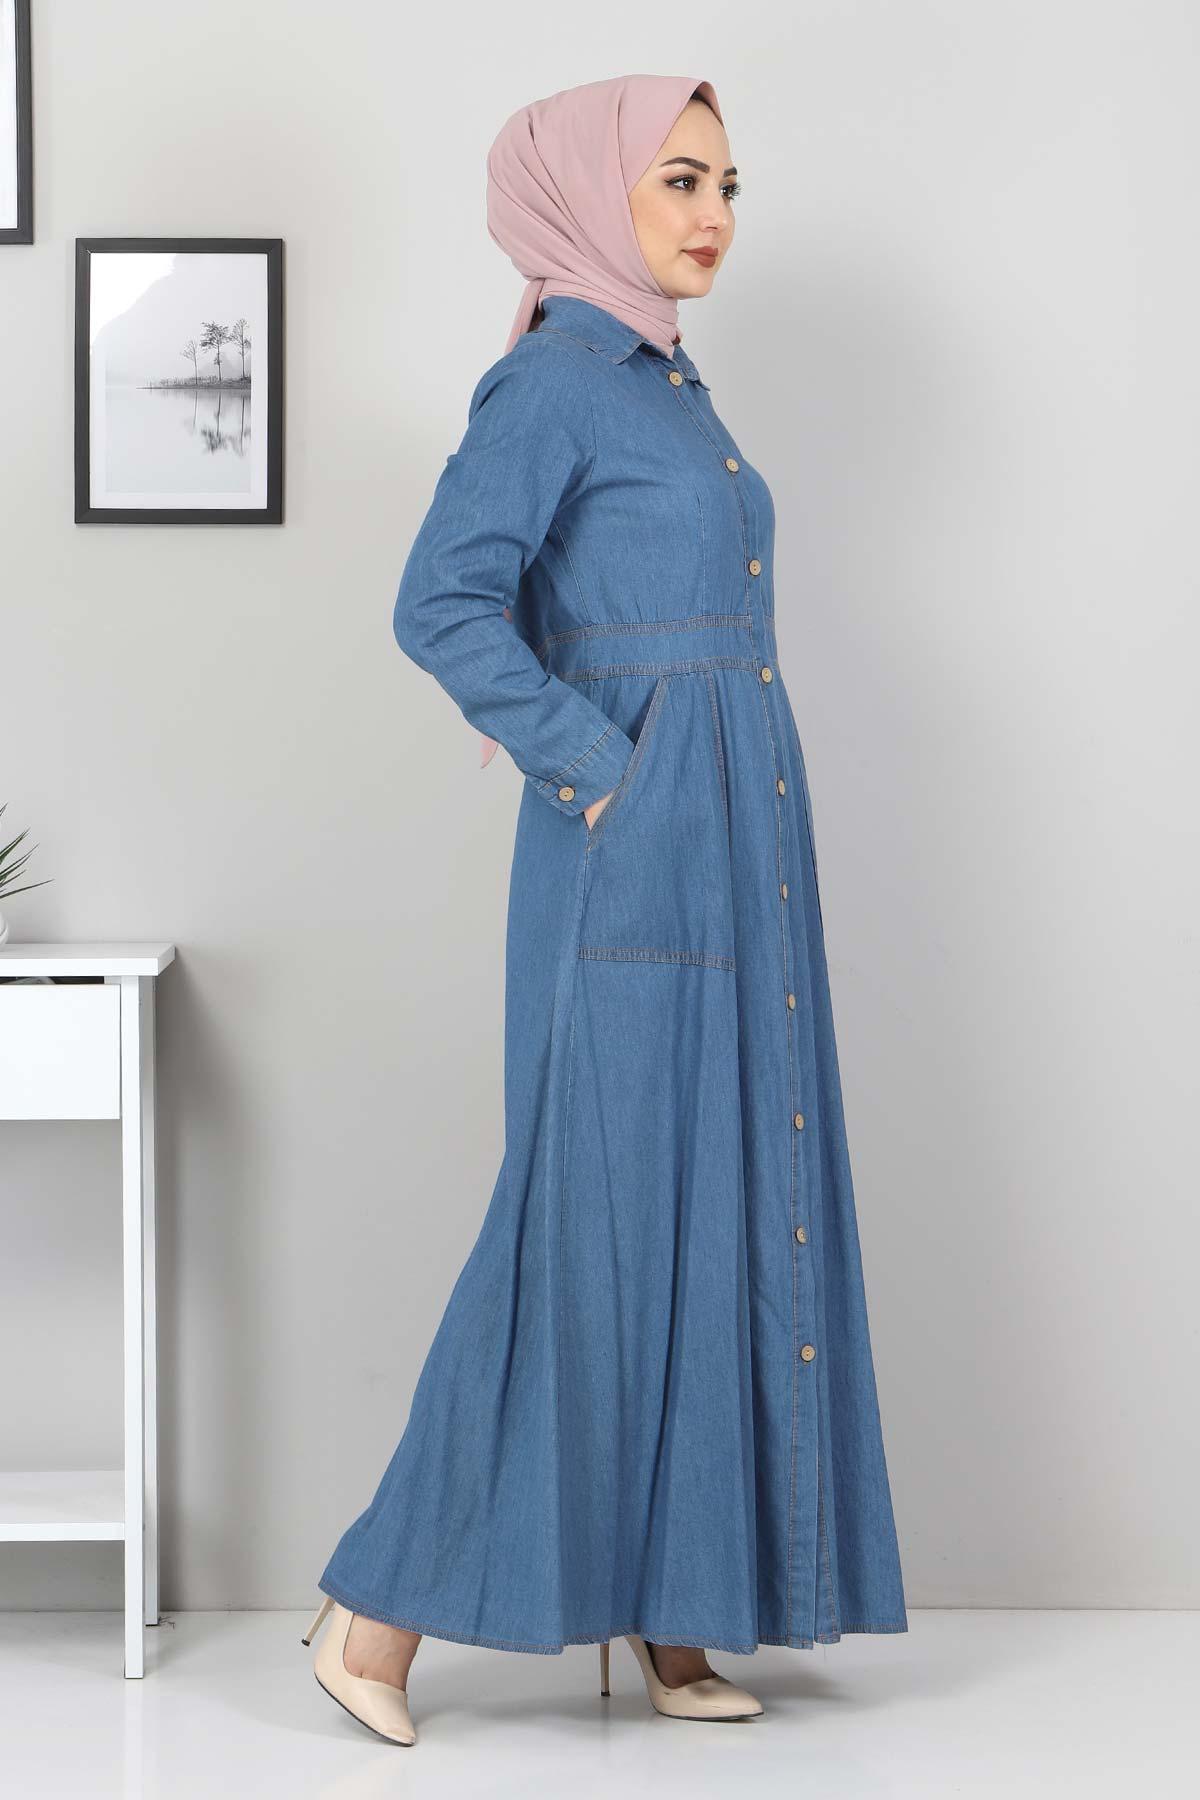 Boydan Düğmeli Kot Elbise TSD0389 Açık Mavi